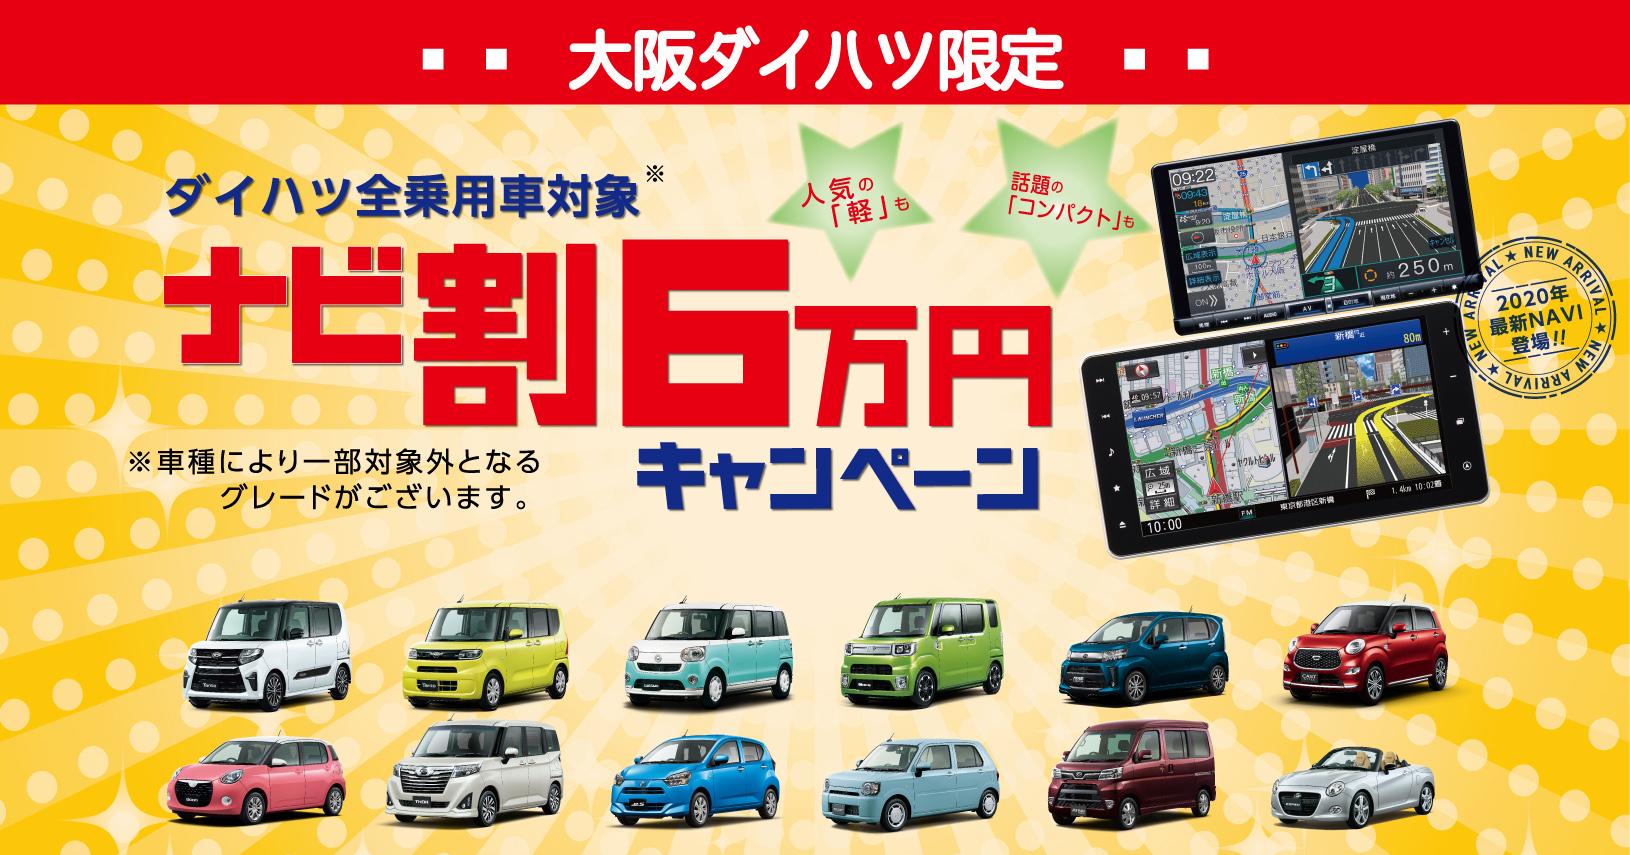 大阪ダイハツ限定!軽もコンパクトも全乗用車対象「ナビ割6万円キャンペーン」